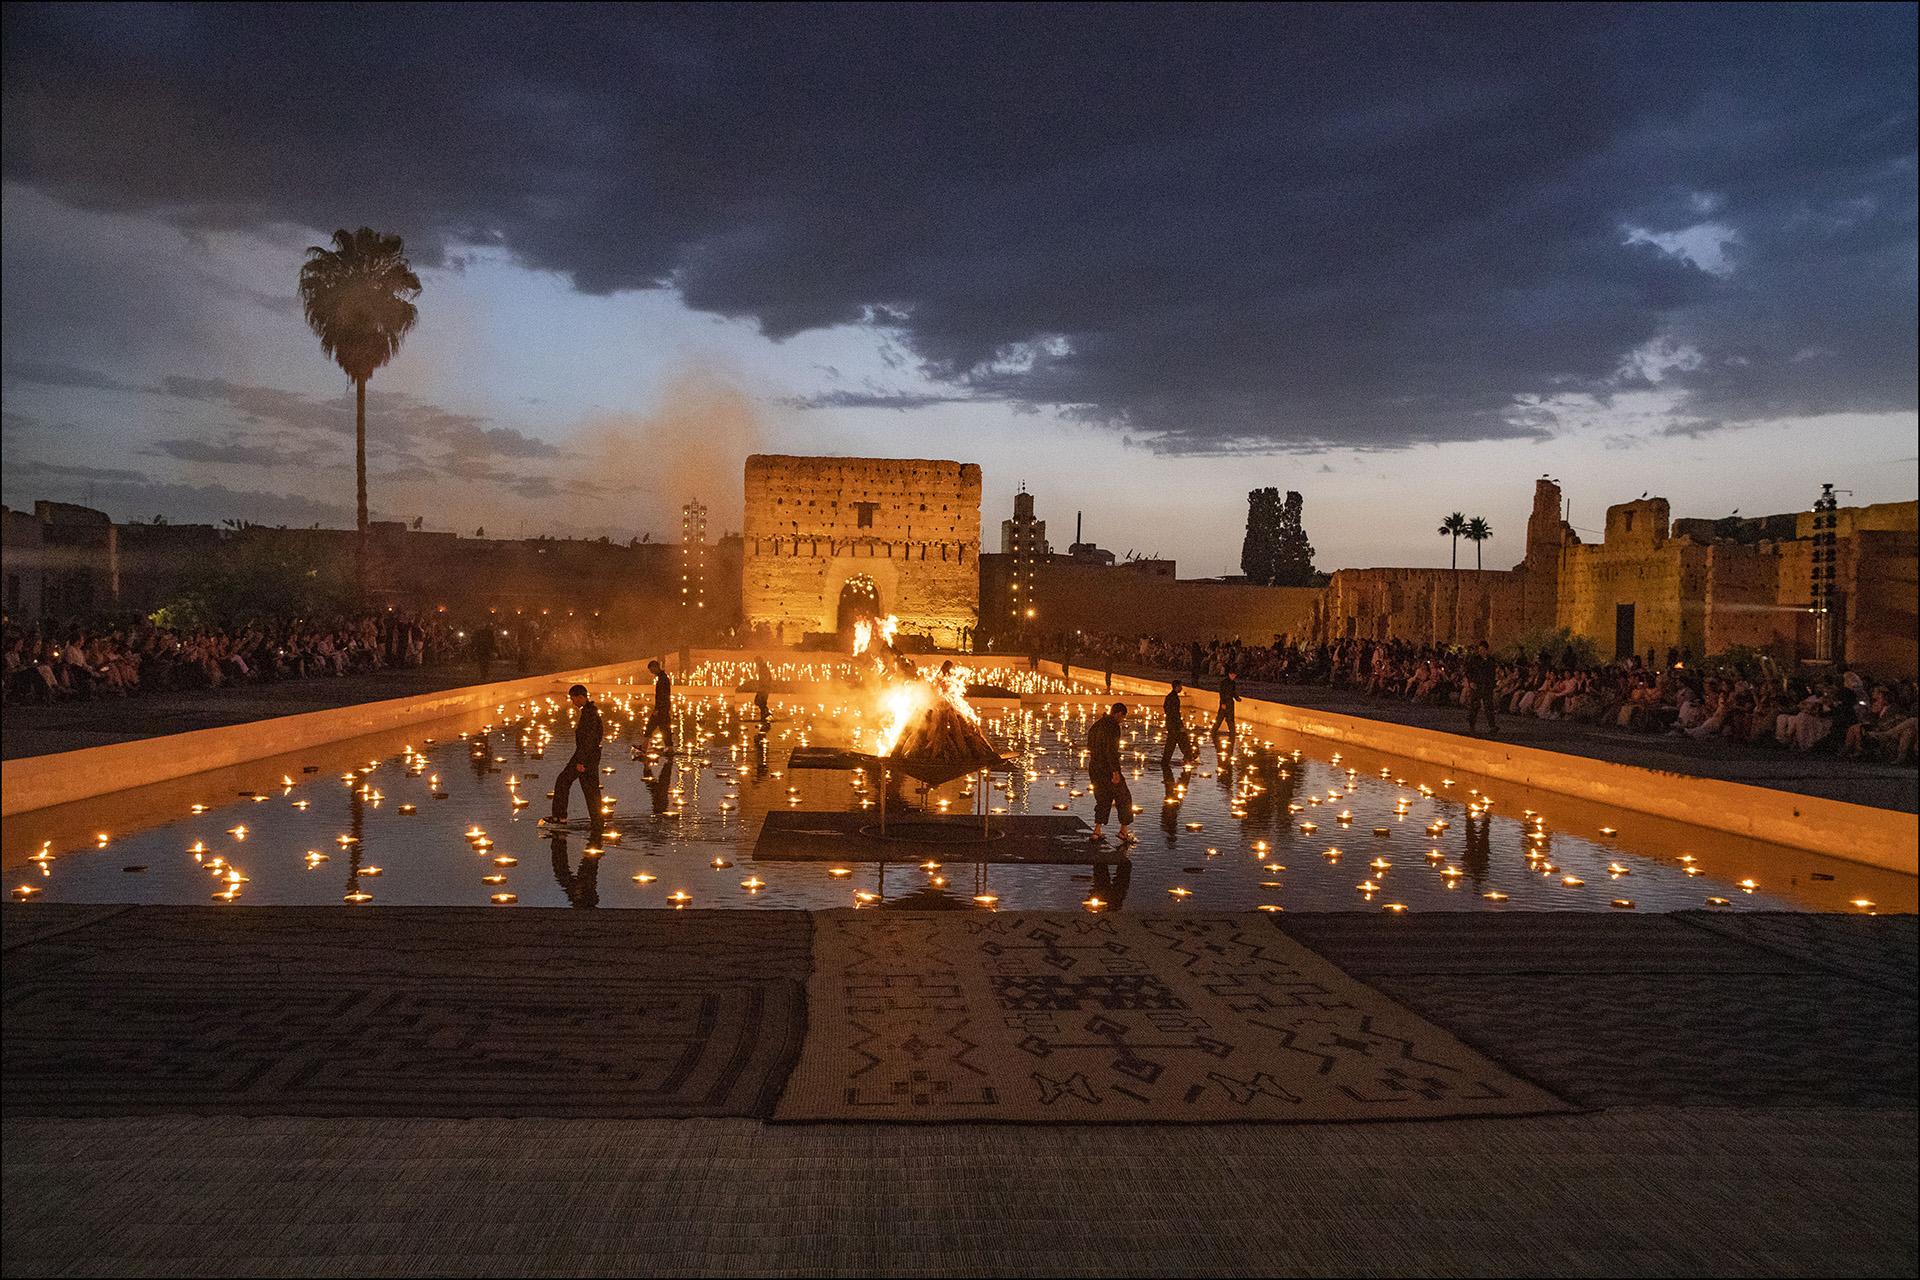 La espectacular escenografía: antorchas, velas y tapices vistieron el Palacio